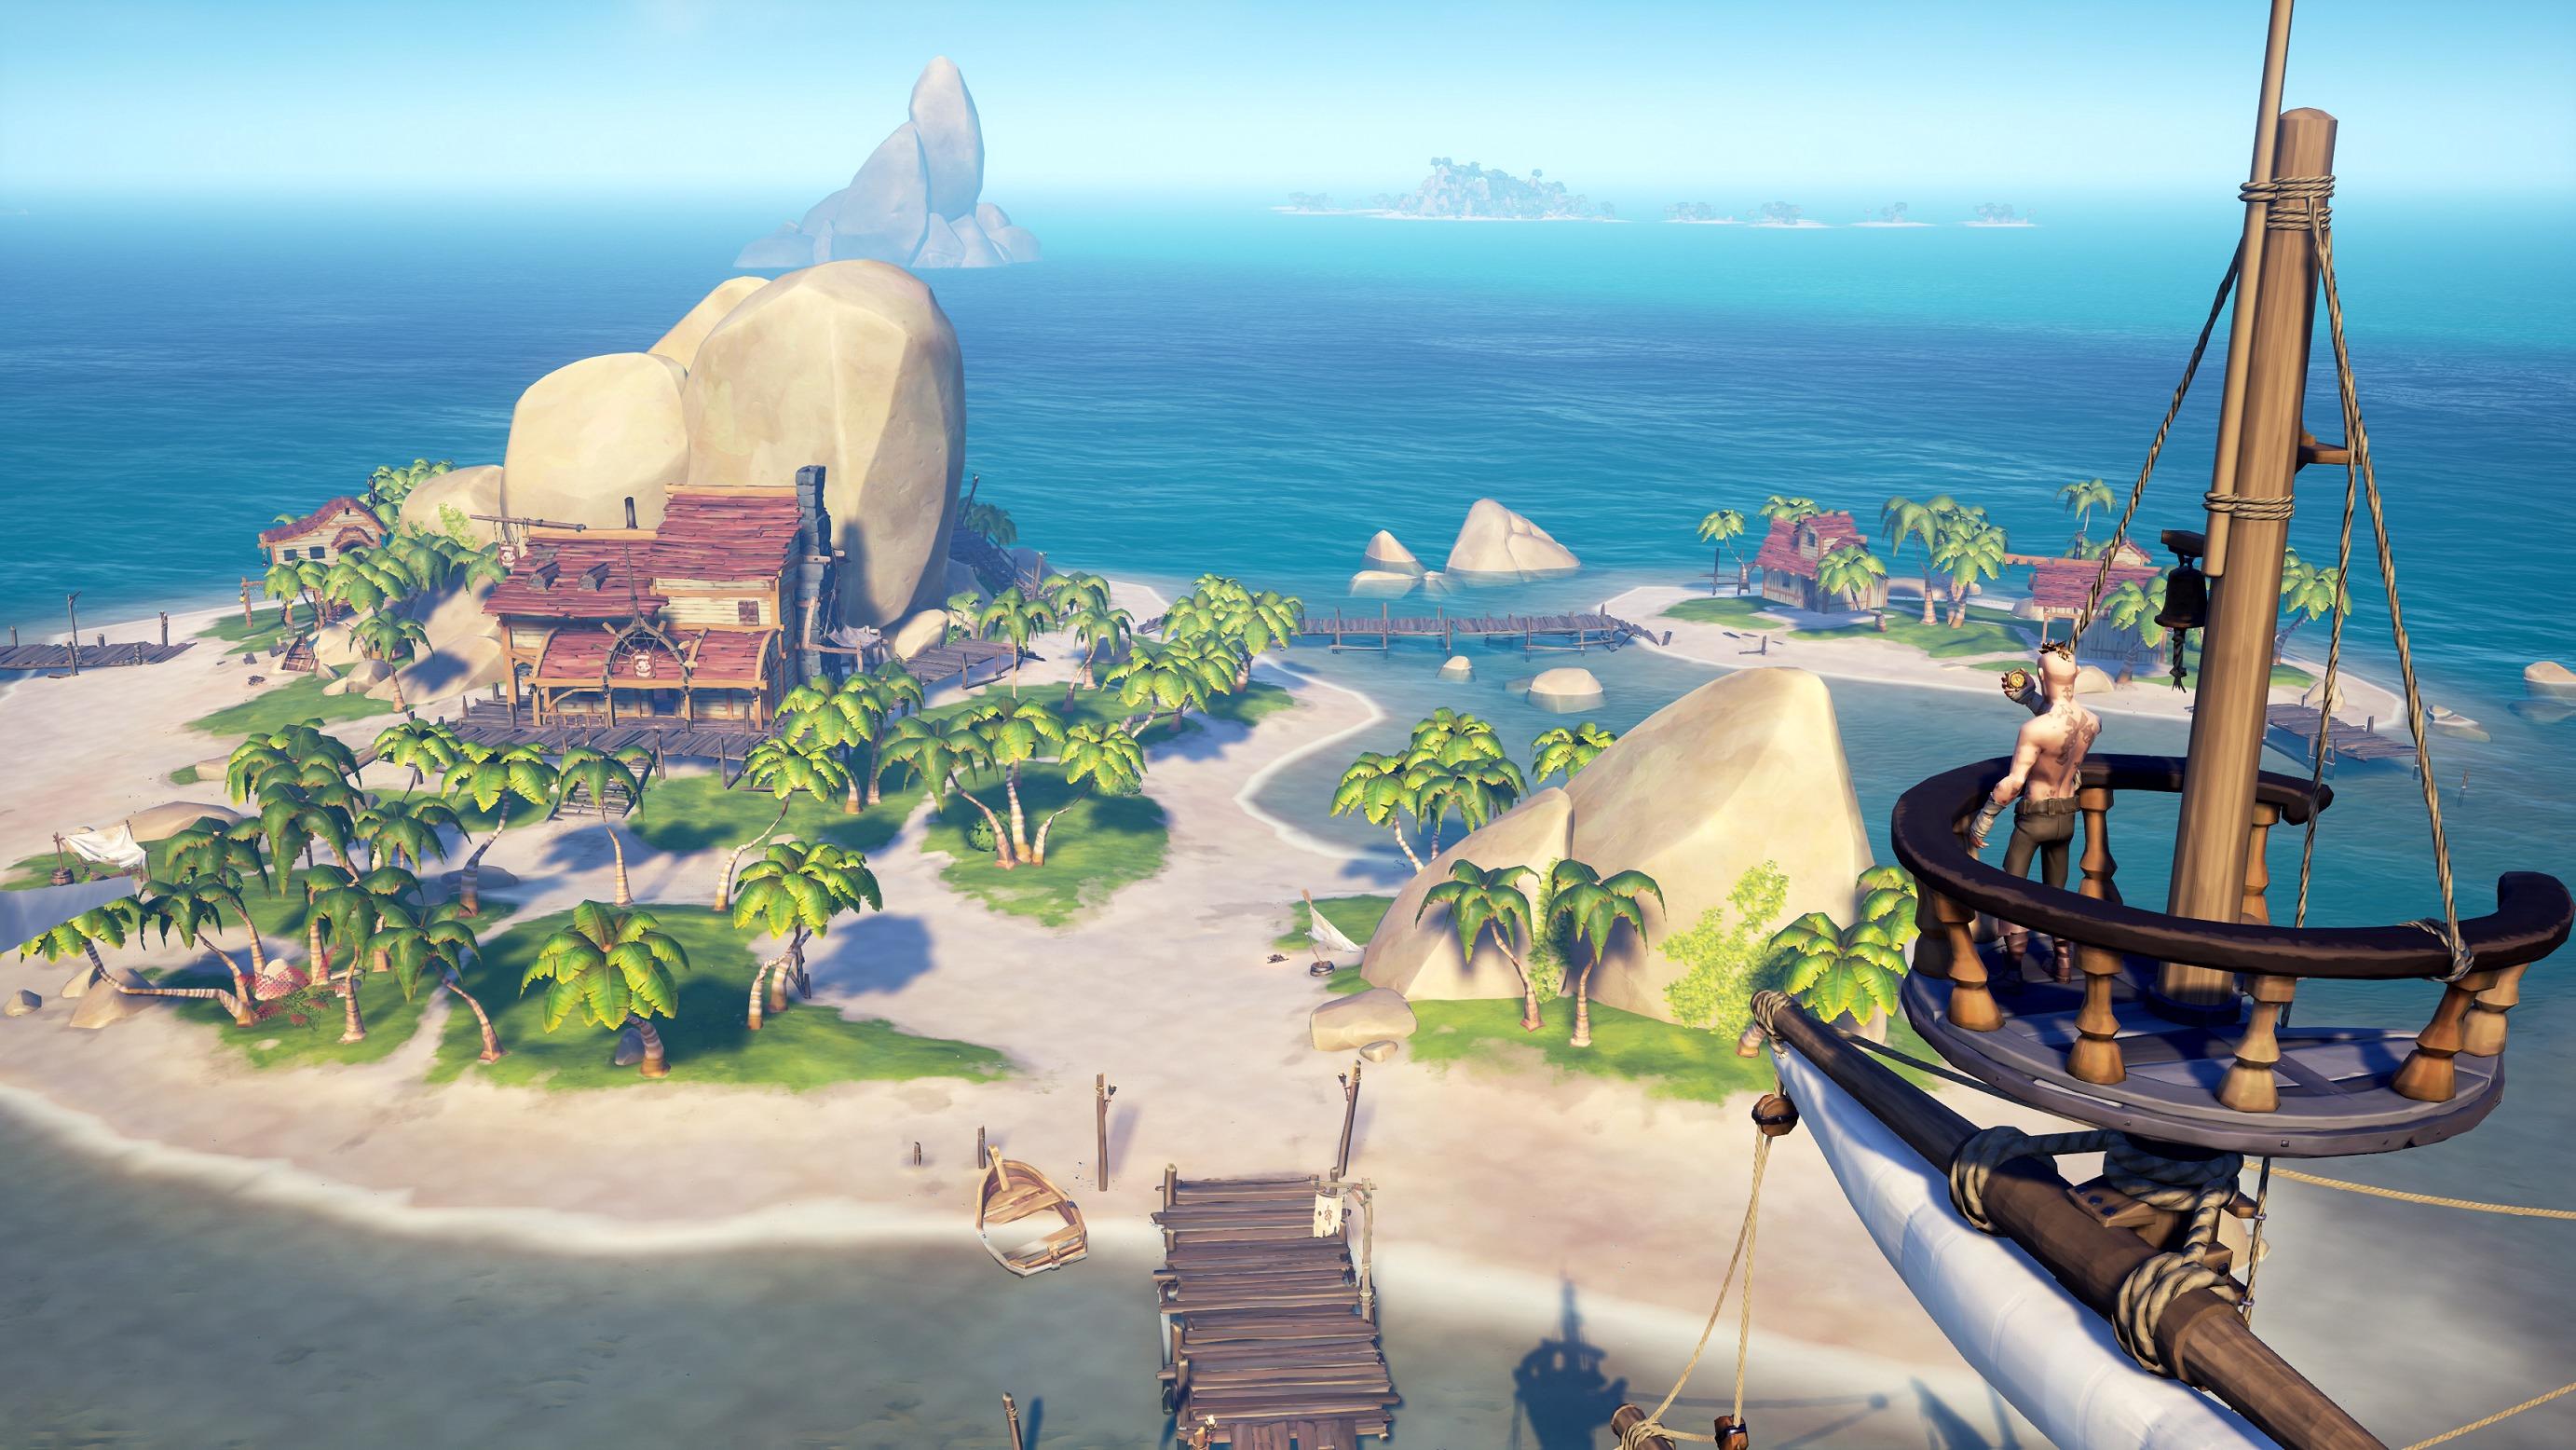 Hvis man går lei oppdragene, kan man for eksempel benytte tiden til å utforske en av de mange øyene.